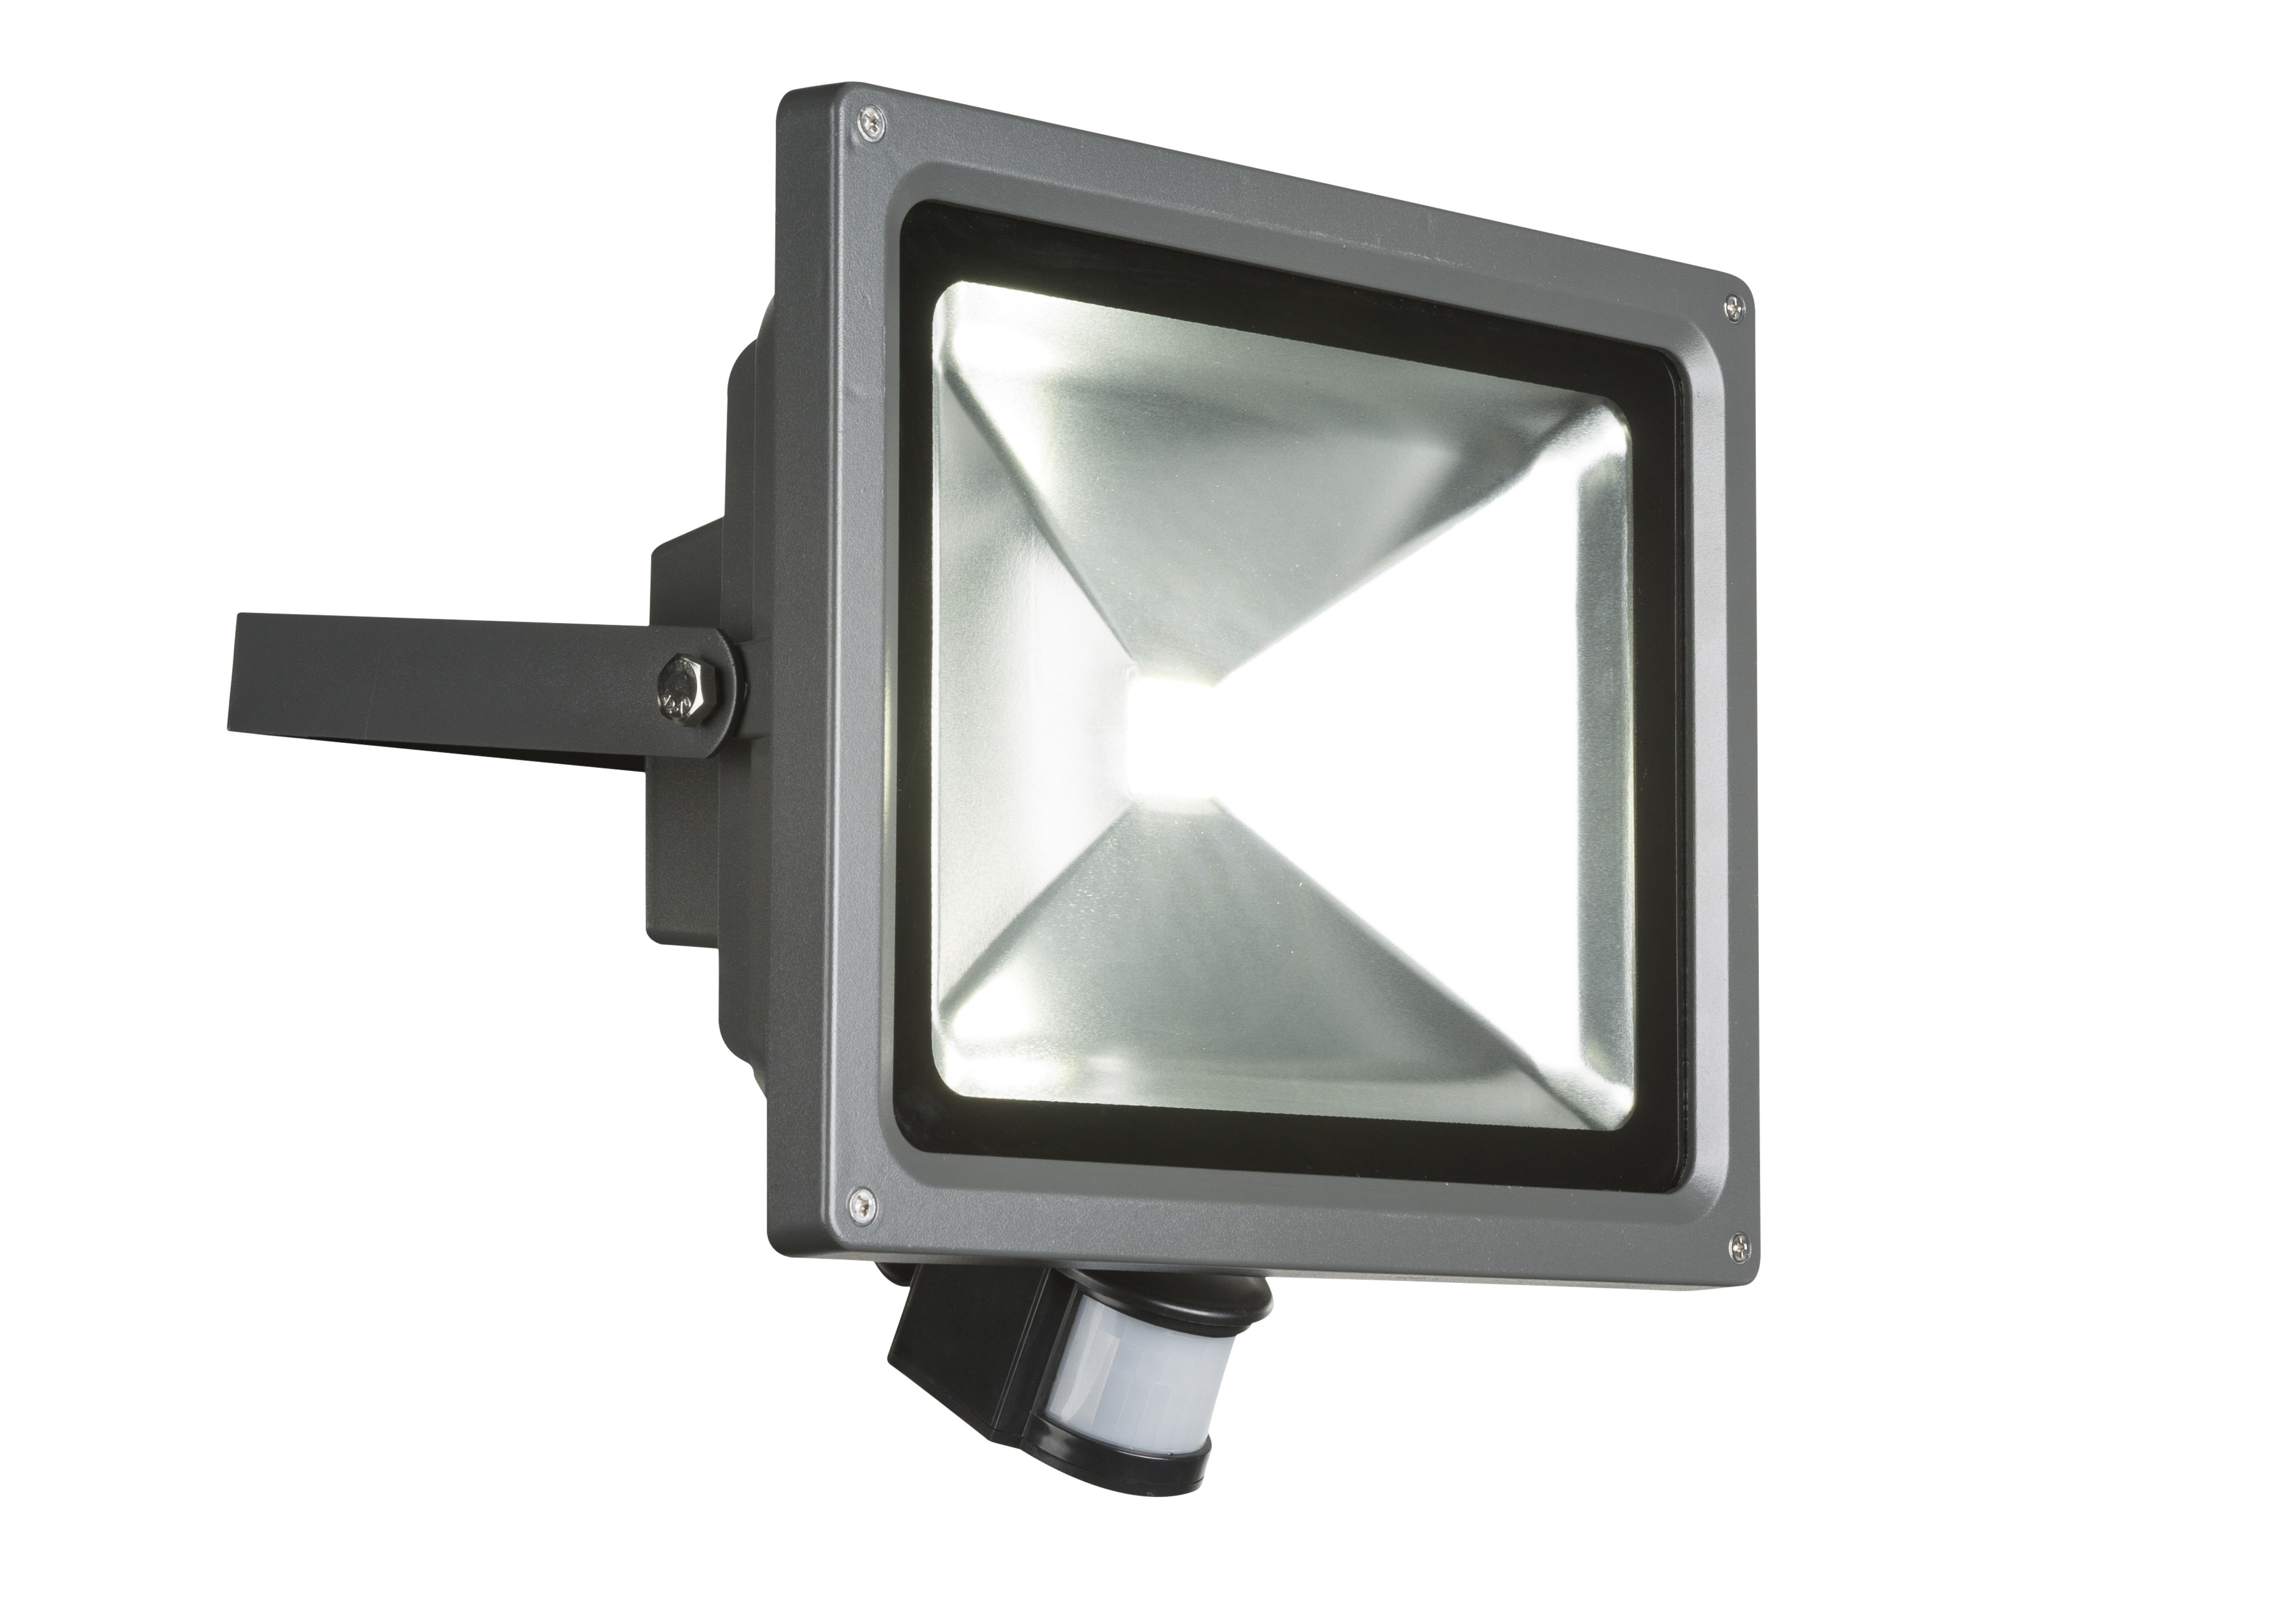 Светильник уличныйУличные настенные светильники<br>&amp;lt;div&amp;gt;Тип цоколя: LED&amp;amp;nbsp;&amp;lt;/div&amp;gt;&amp;lt;div&amp;gt;Мощность: 50W&amp;lt;/div&amp;gt;&amp;lt;div&amp;gt;Кол-во ламп: 1 (в комплекте)&amp;lt;/div&amp;gt;<br><br>Material: Металл